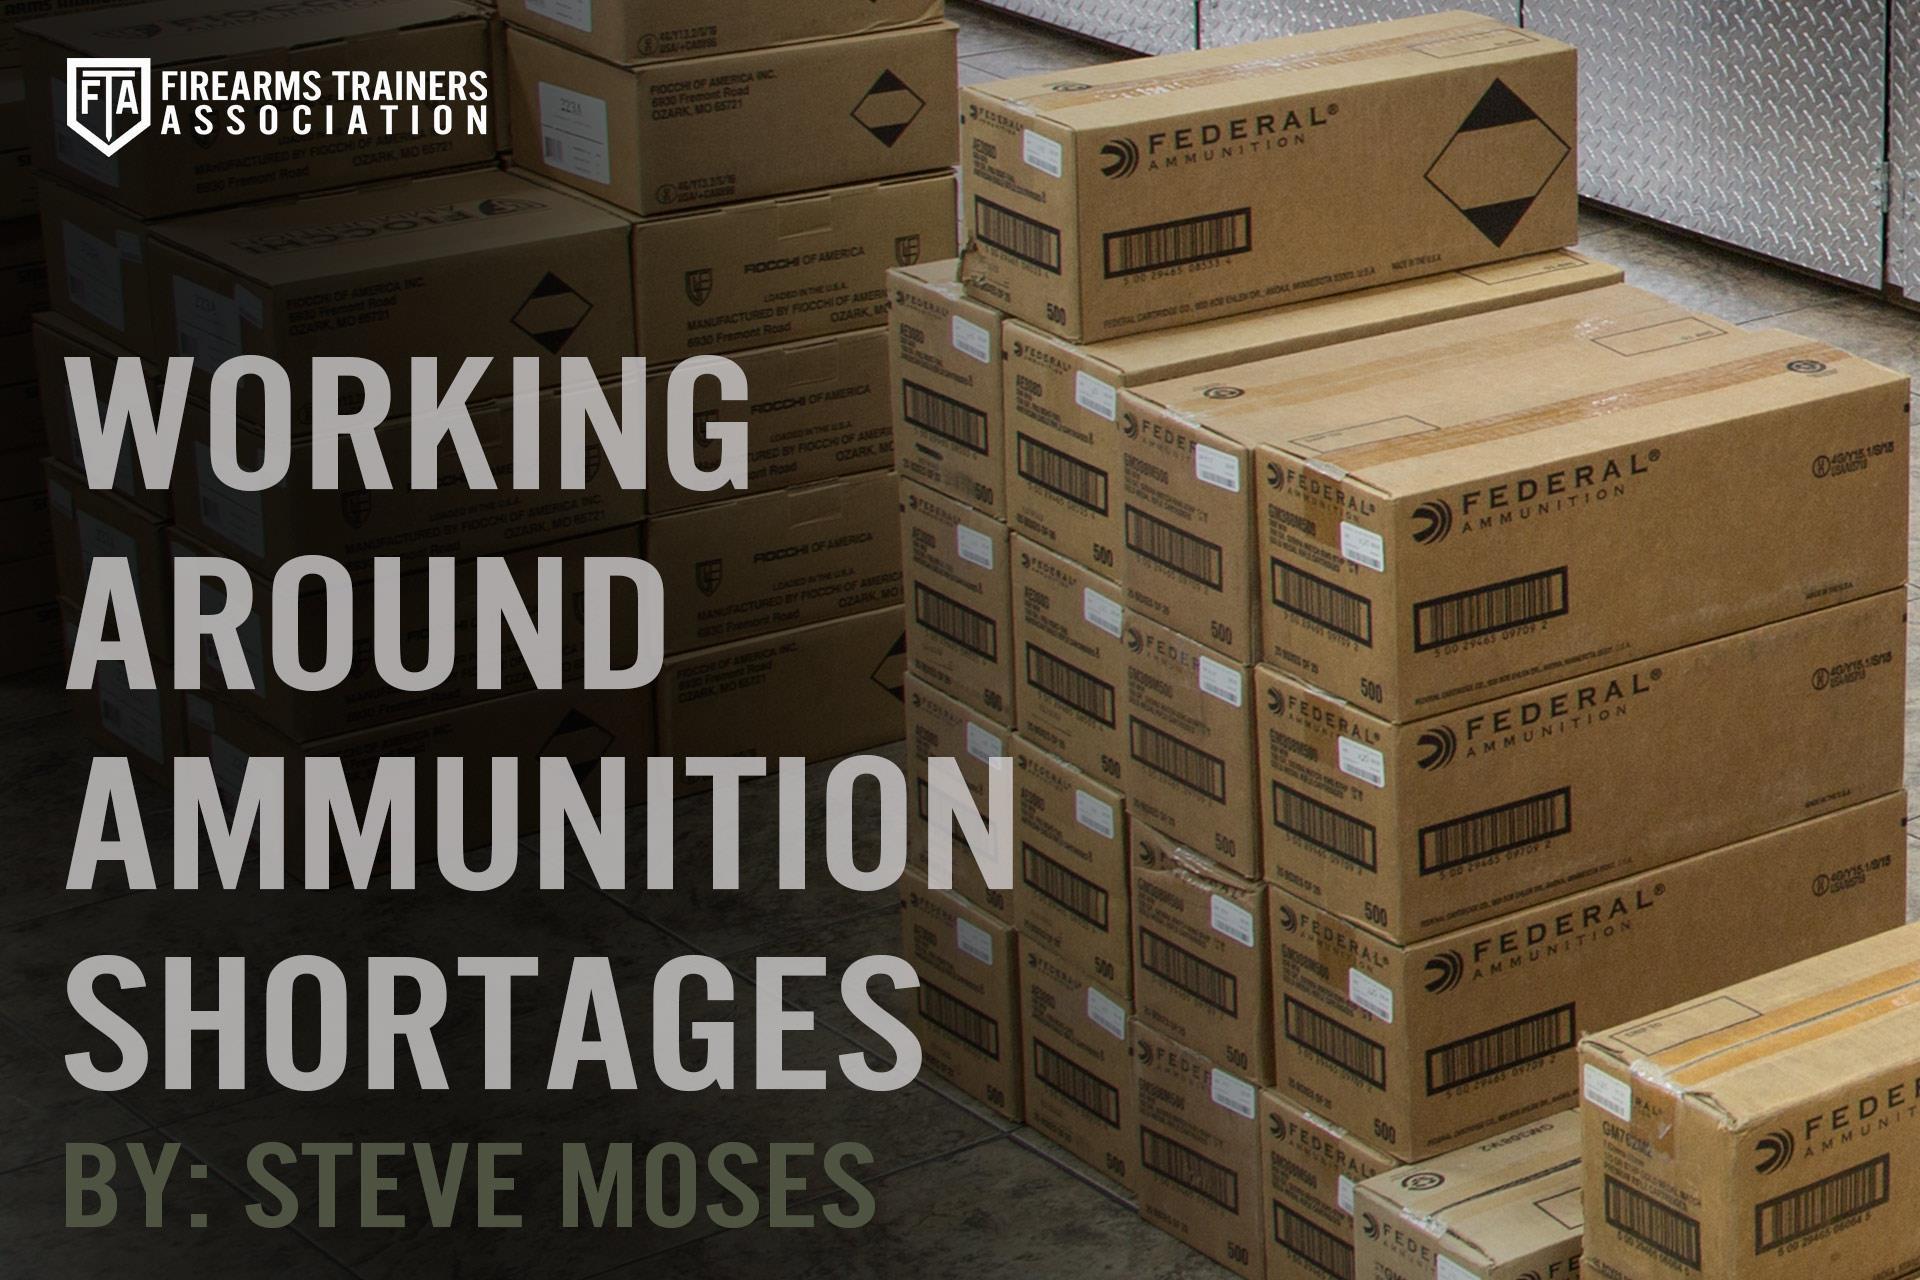 WORKING AROUND AMMUNITION SHORTAGES